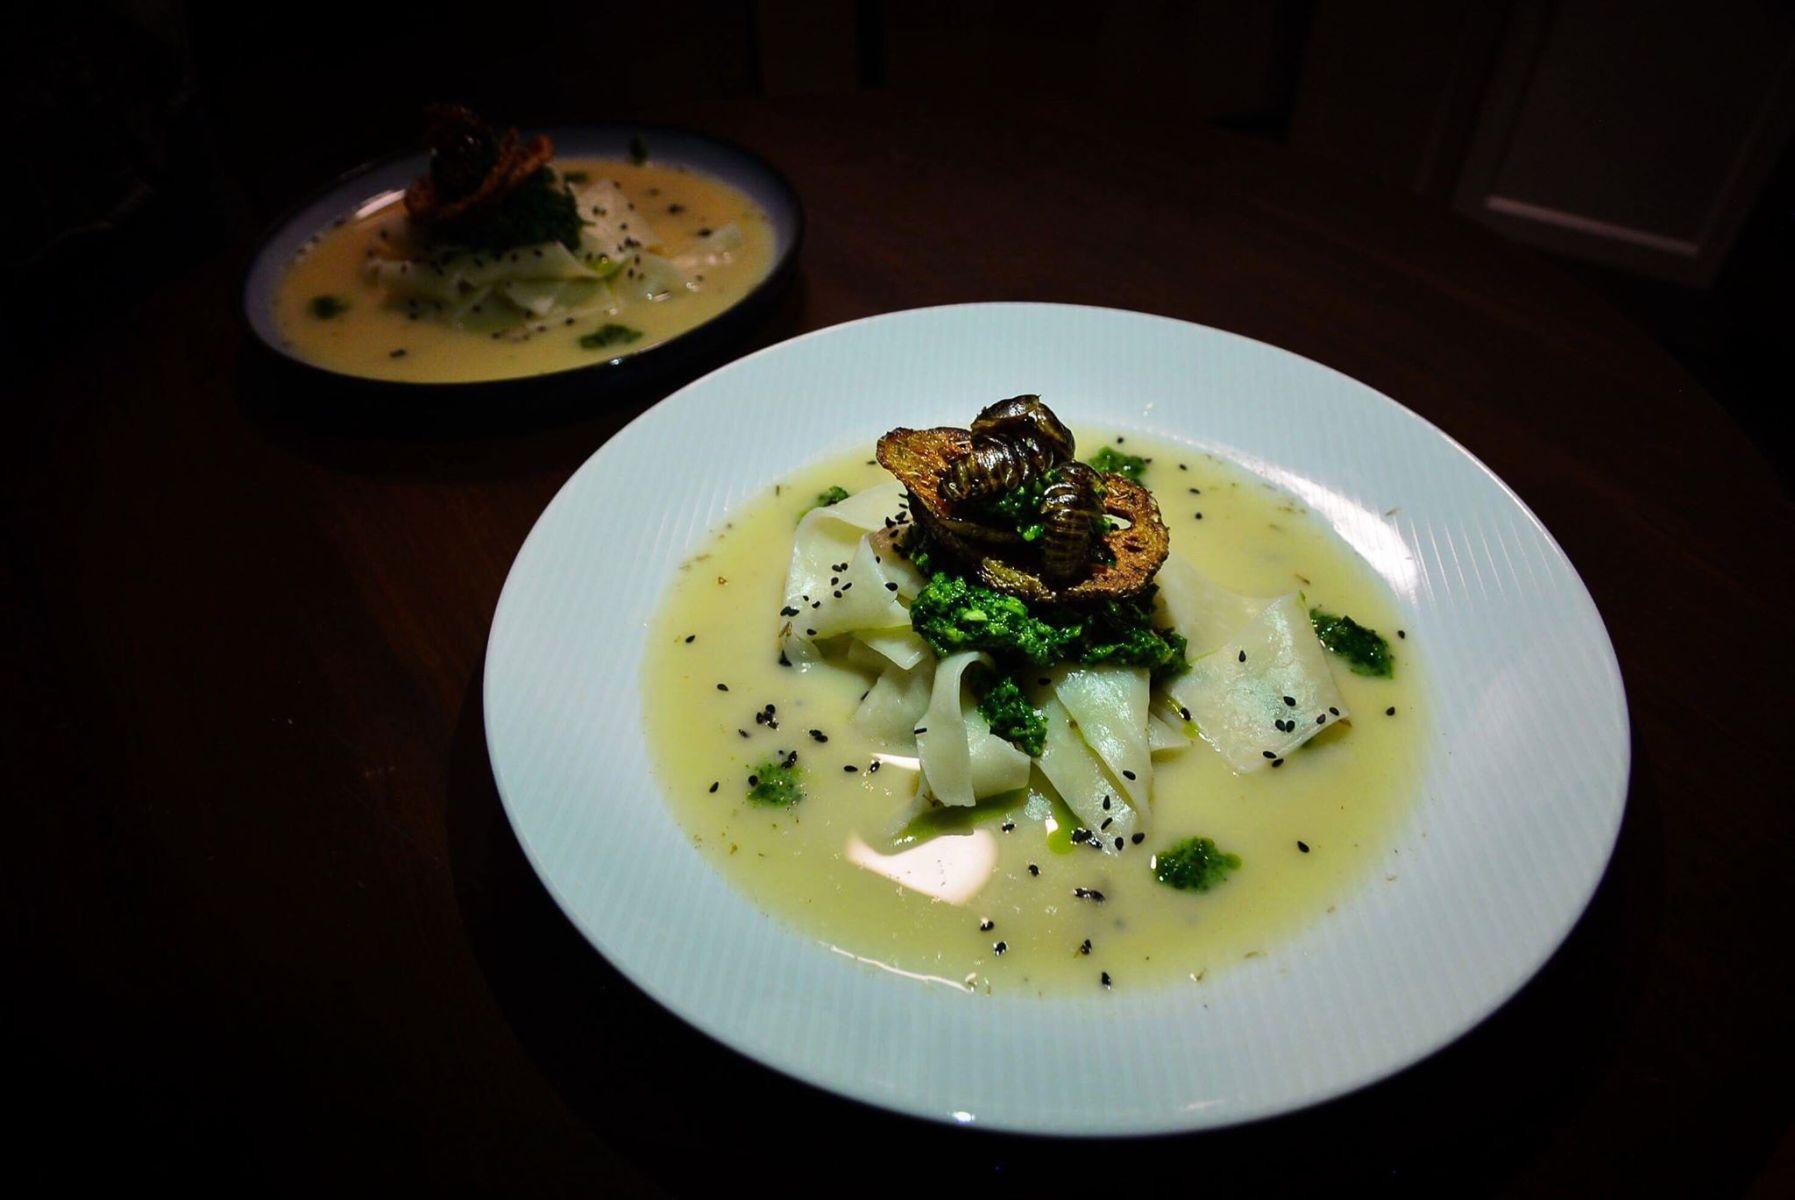 La Cucaracha Noodle Soup in Dubia-Pesto Broth, prepared in New York by Chef Don Peavy (Diana Crandall)